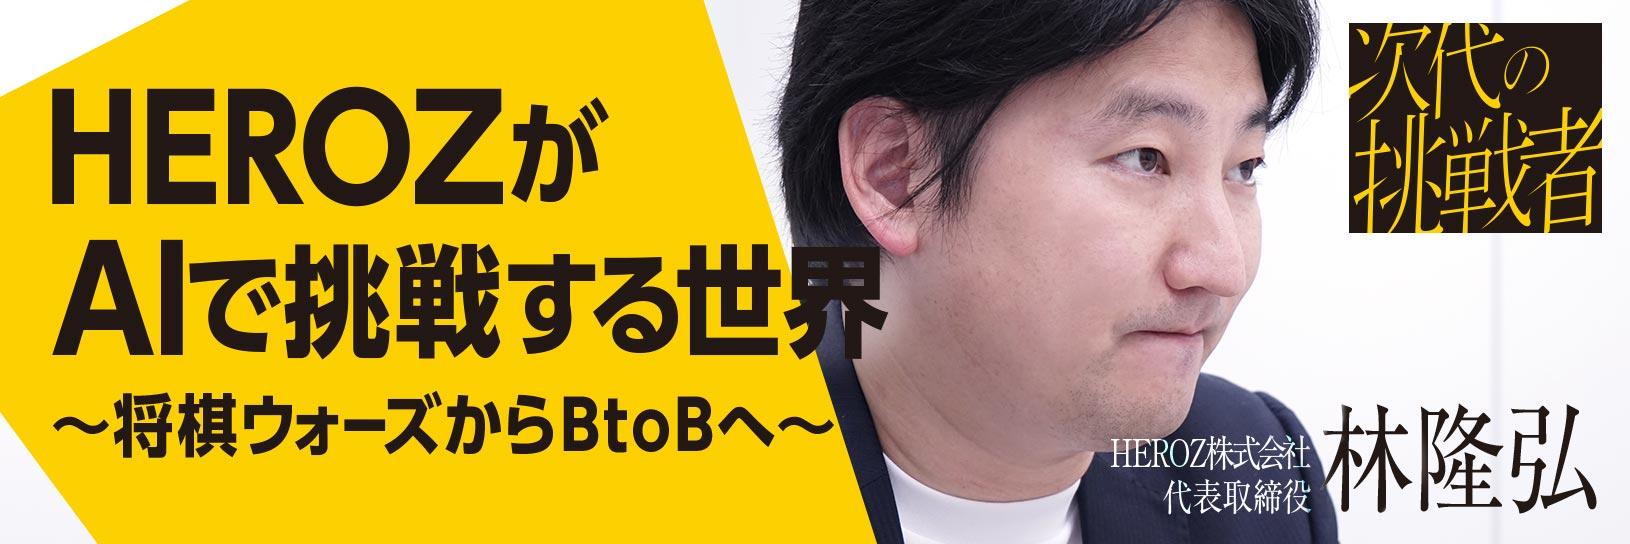 異端会議Vol.13_main_01-2